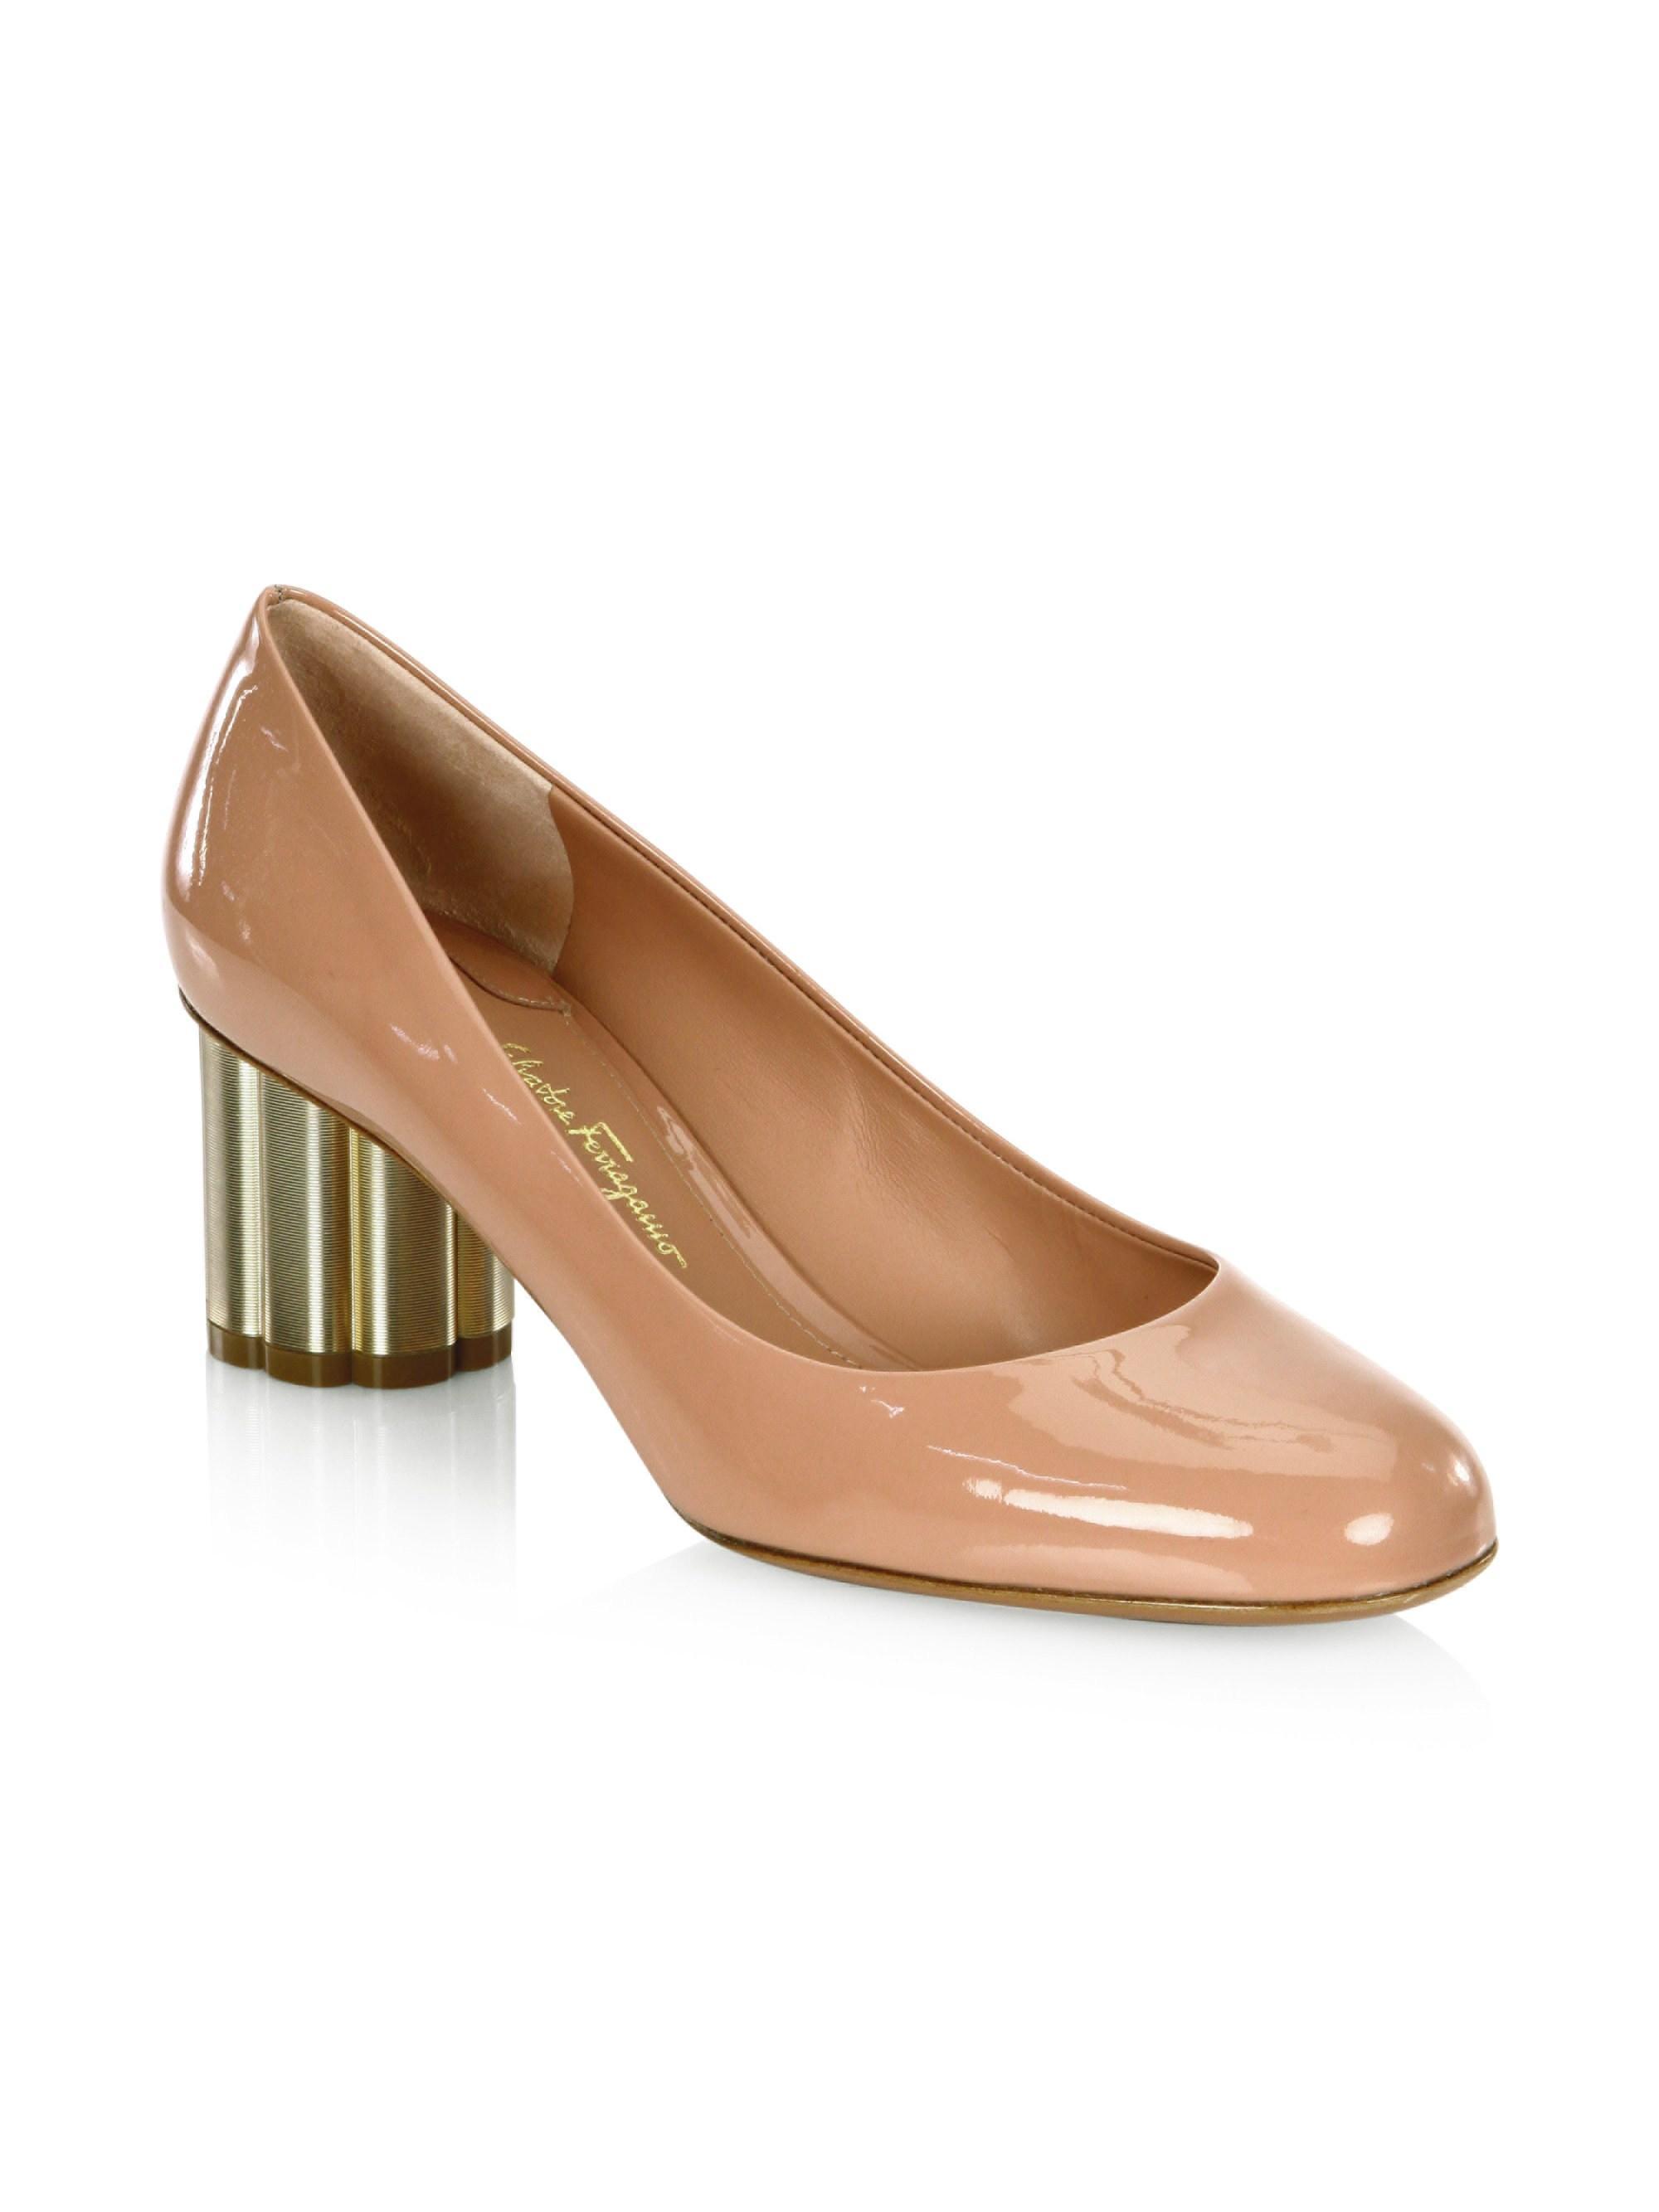 6b98c7ee3874 Ferragamo. Women s Lucca Flower-heel Patent-leather Pumps